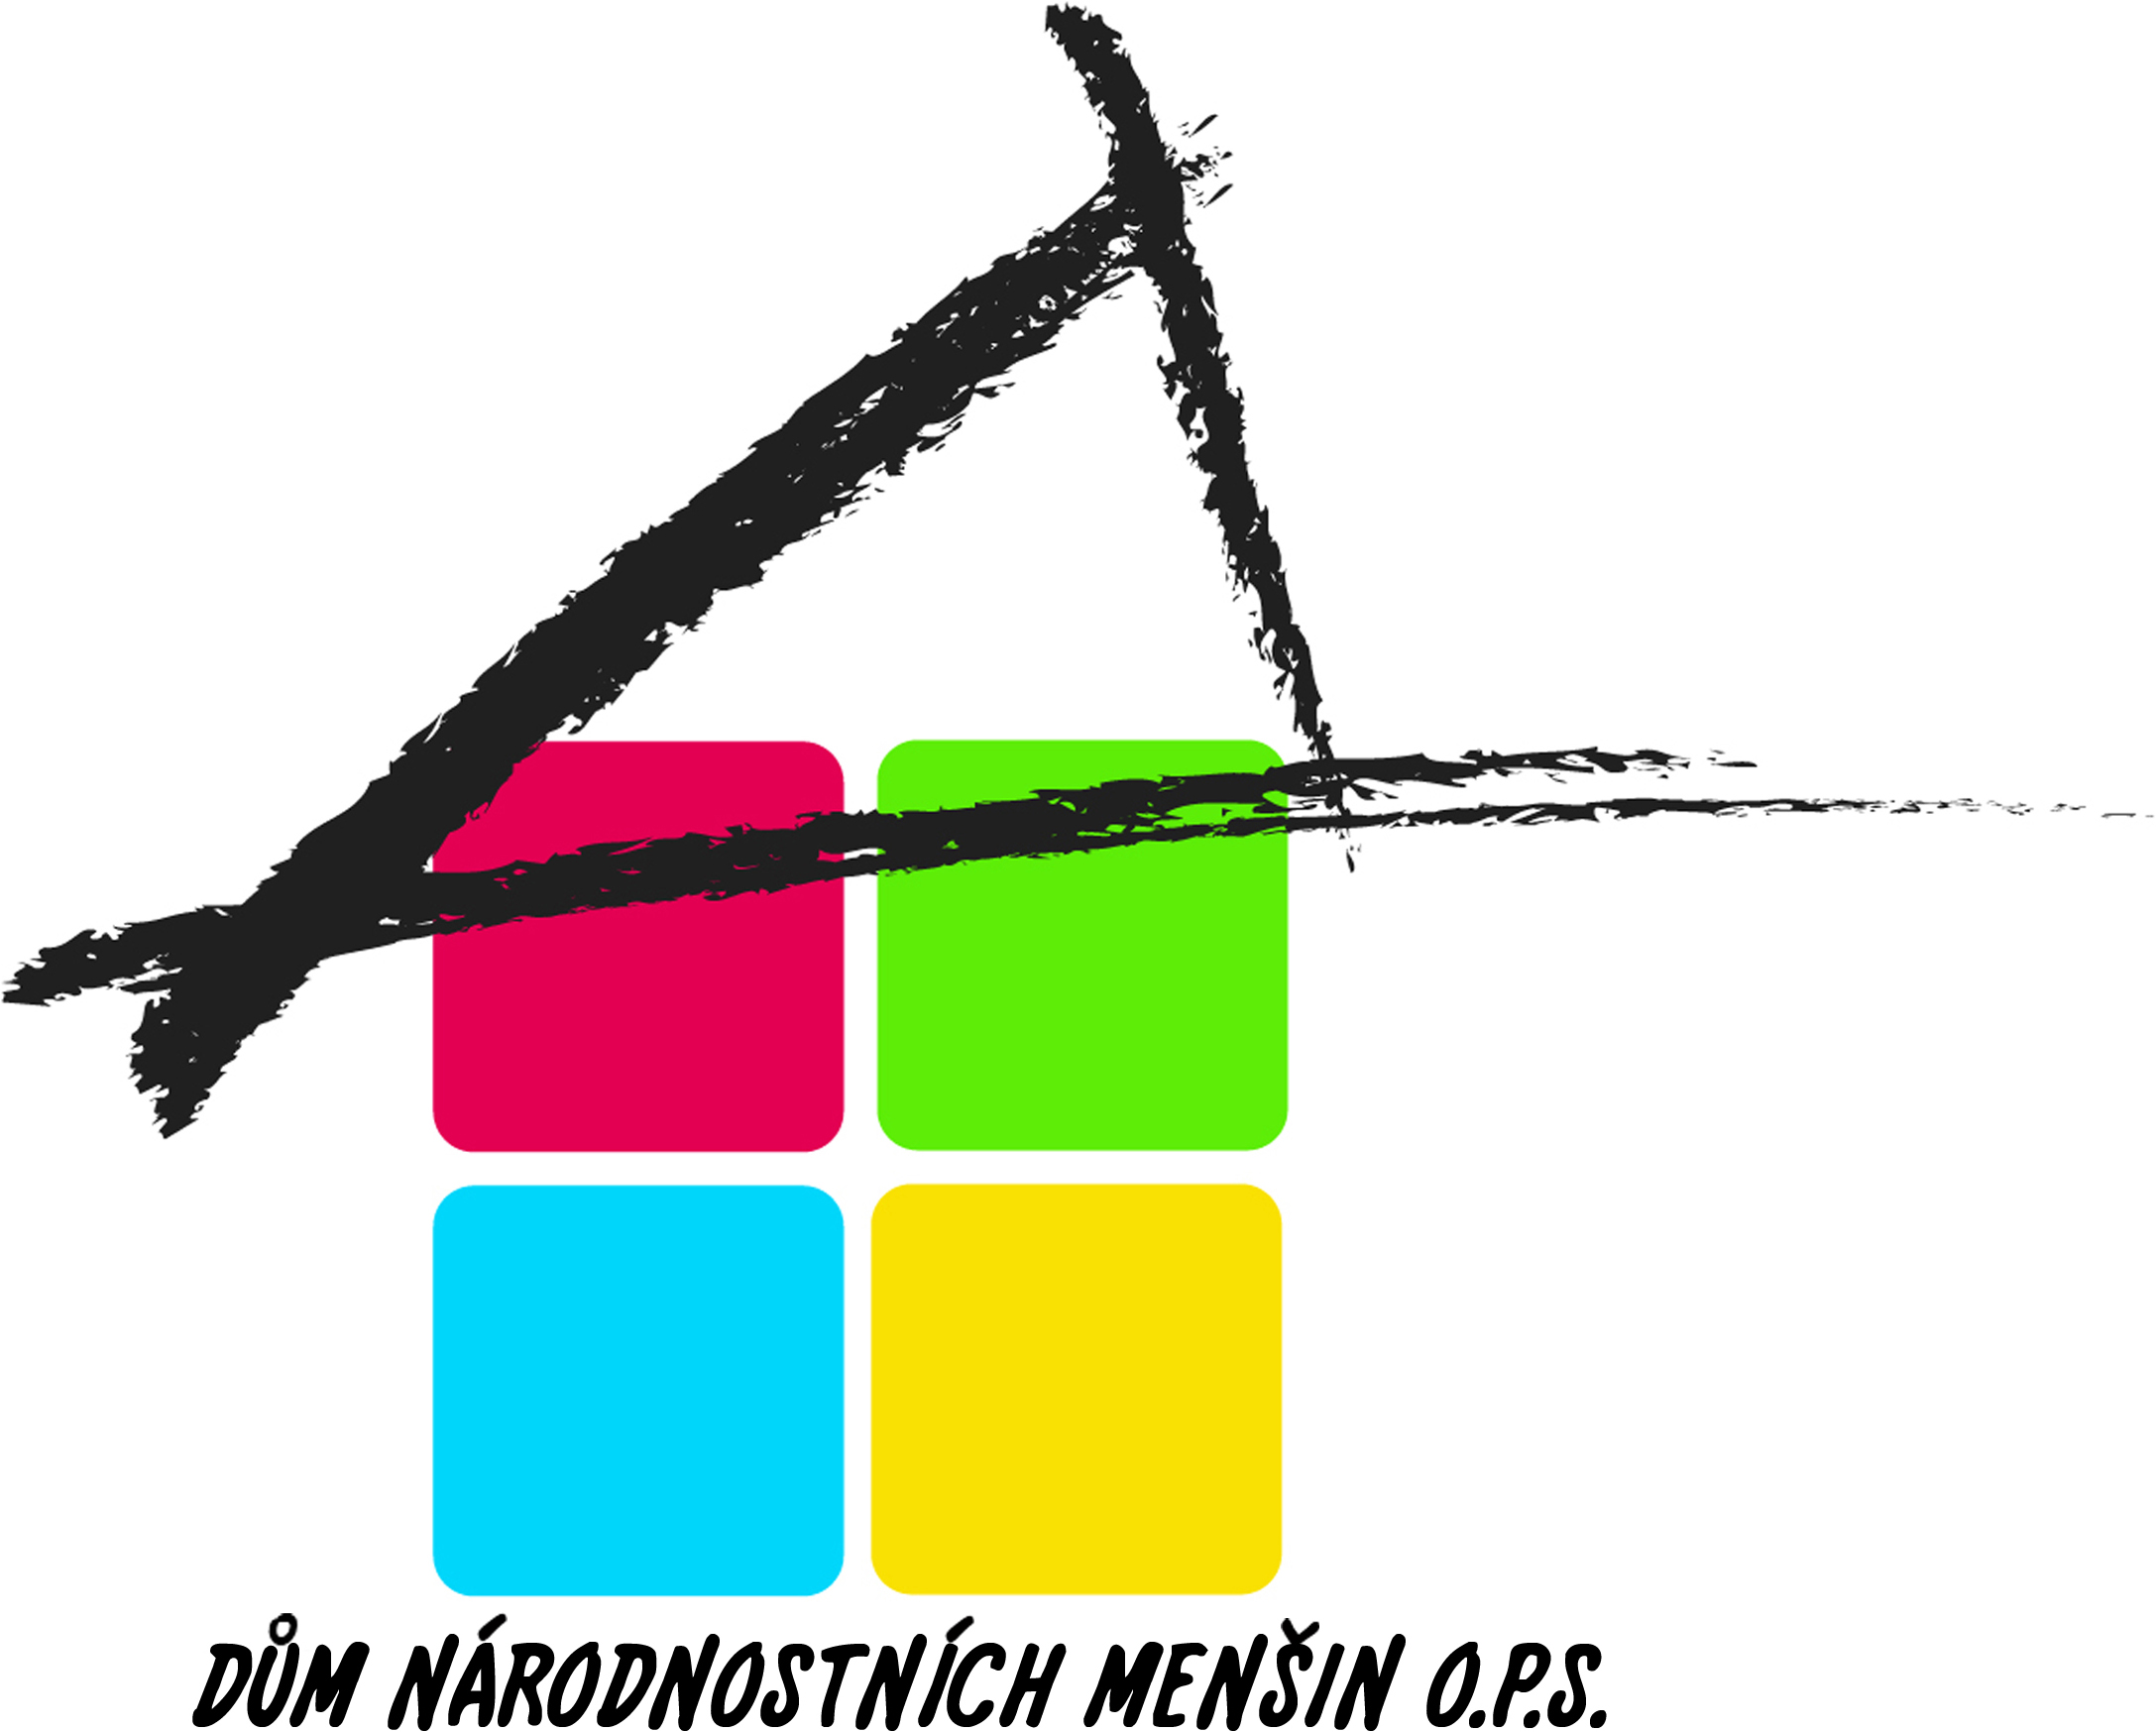 Dům národnostních menšin o. p. s.